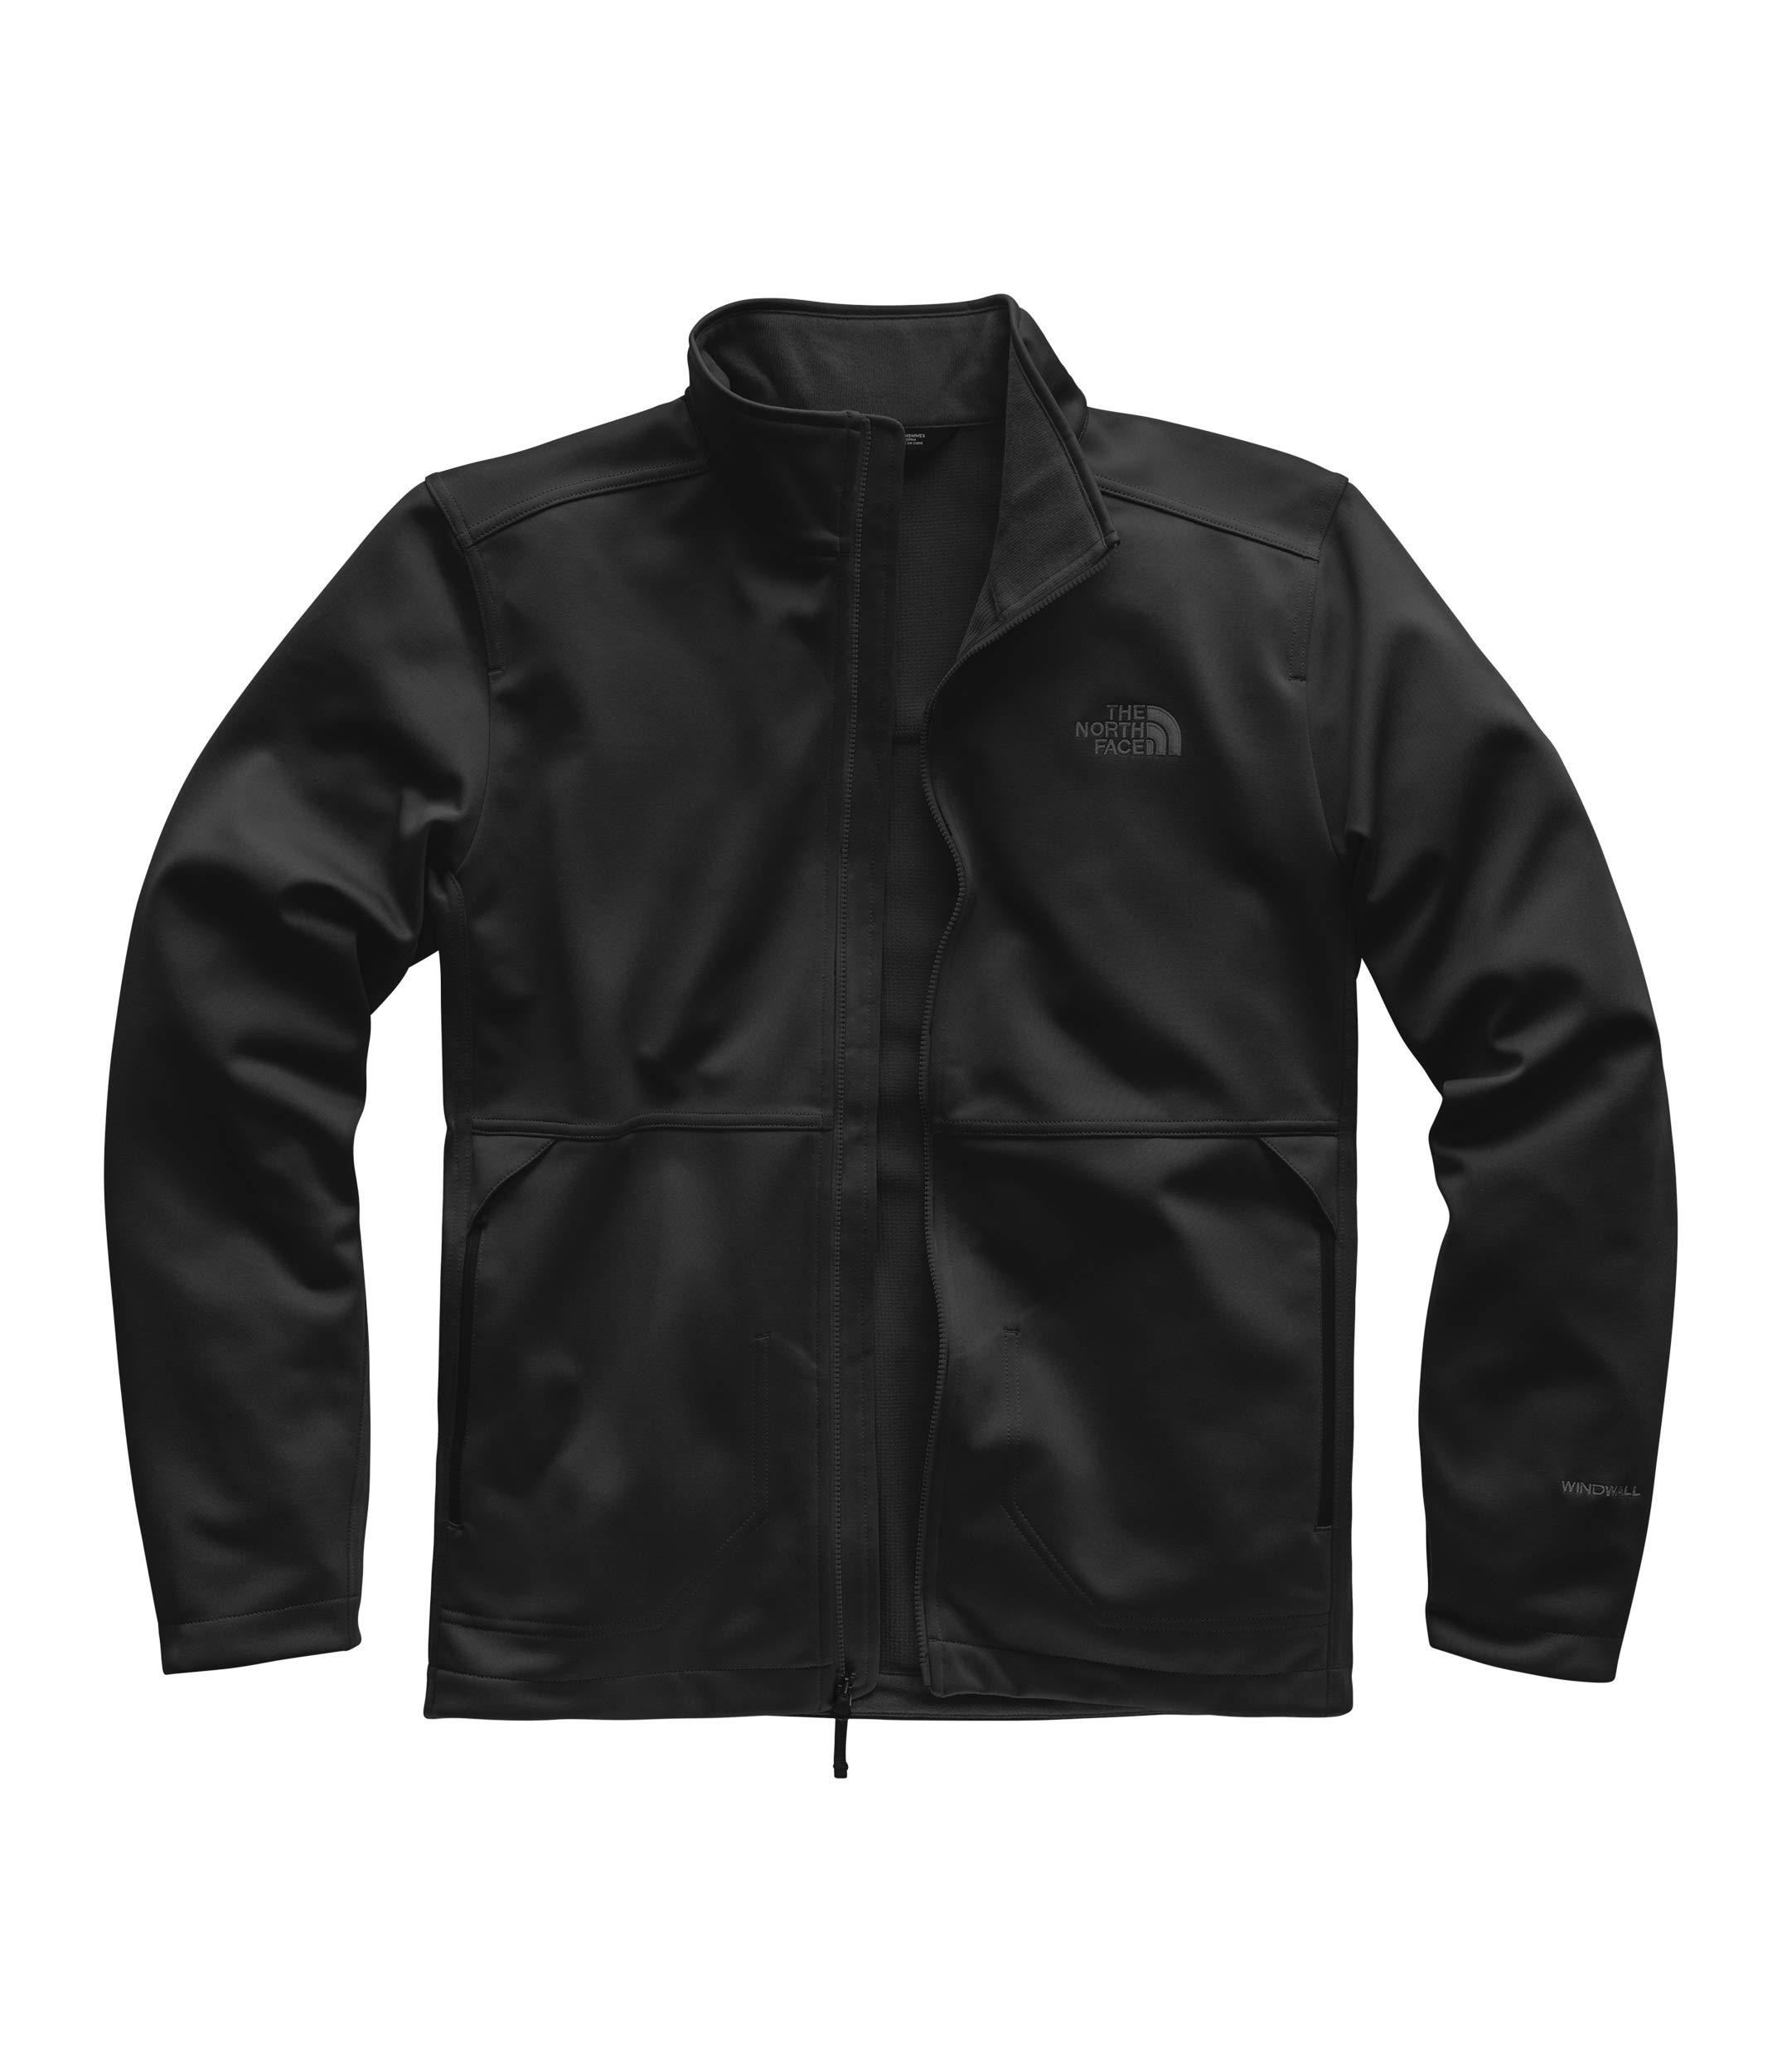 North Face Canyonwall Jacket Black